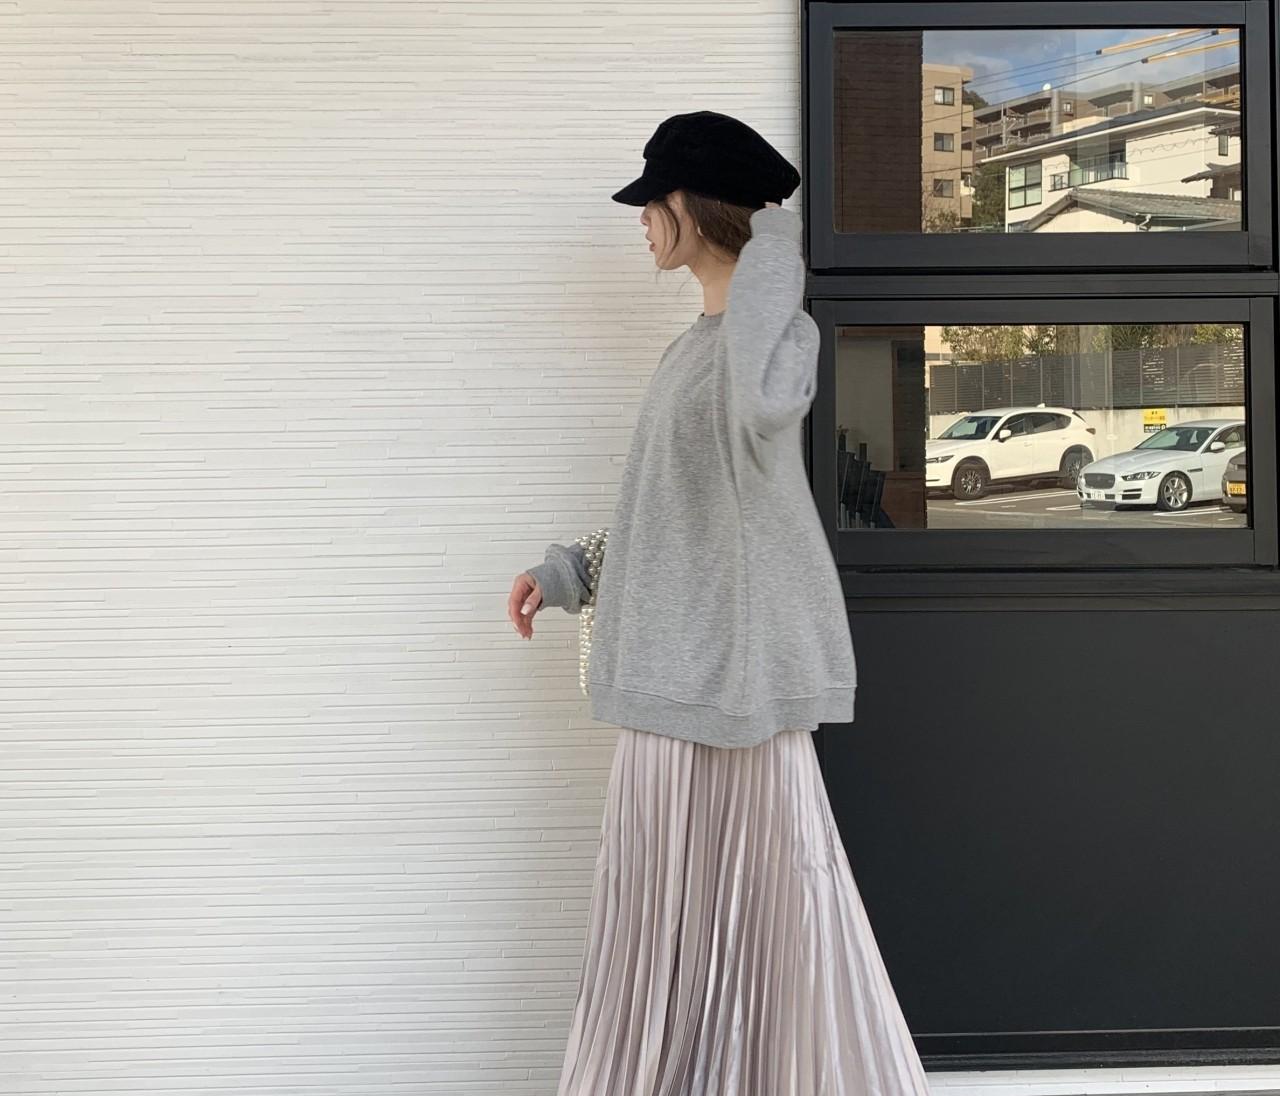 【購入品】春にマスト。fifthのプリーツスカート